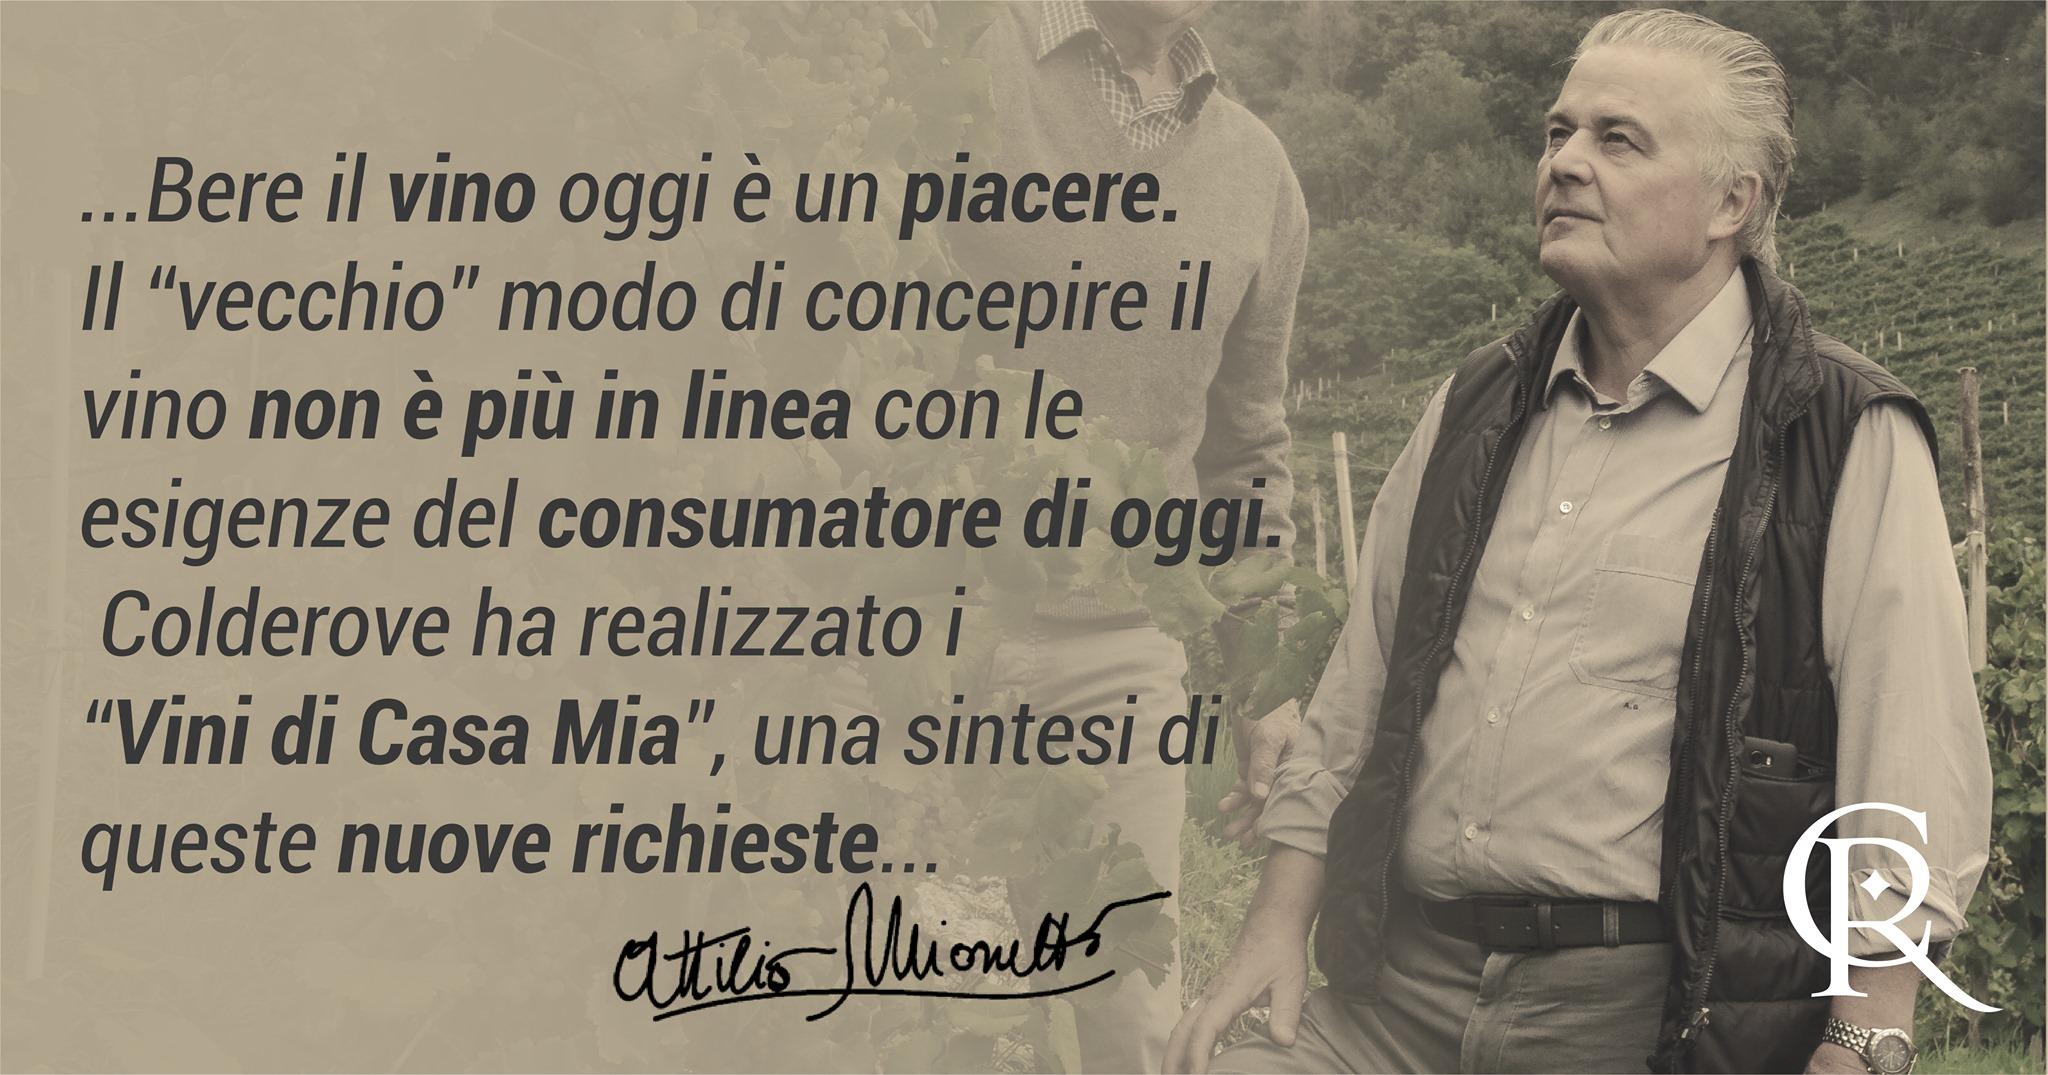 Attilio Mionetto e i Vini di Casa Mia